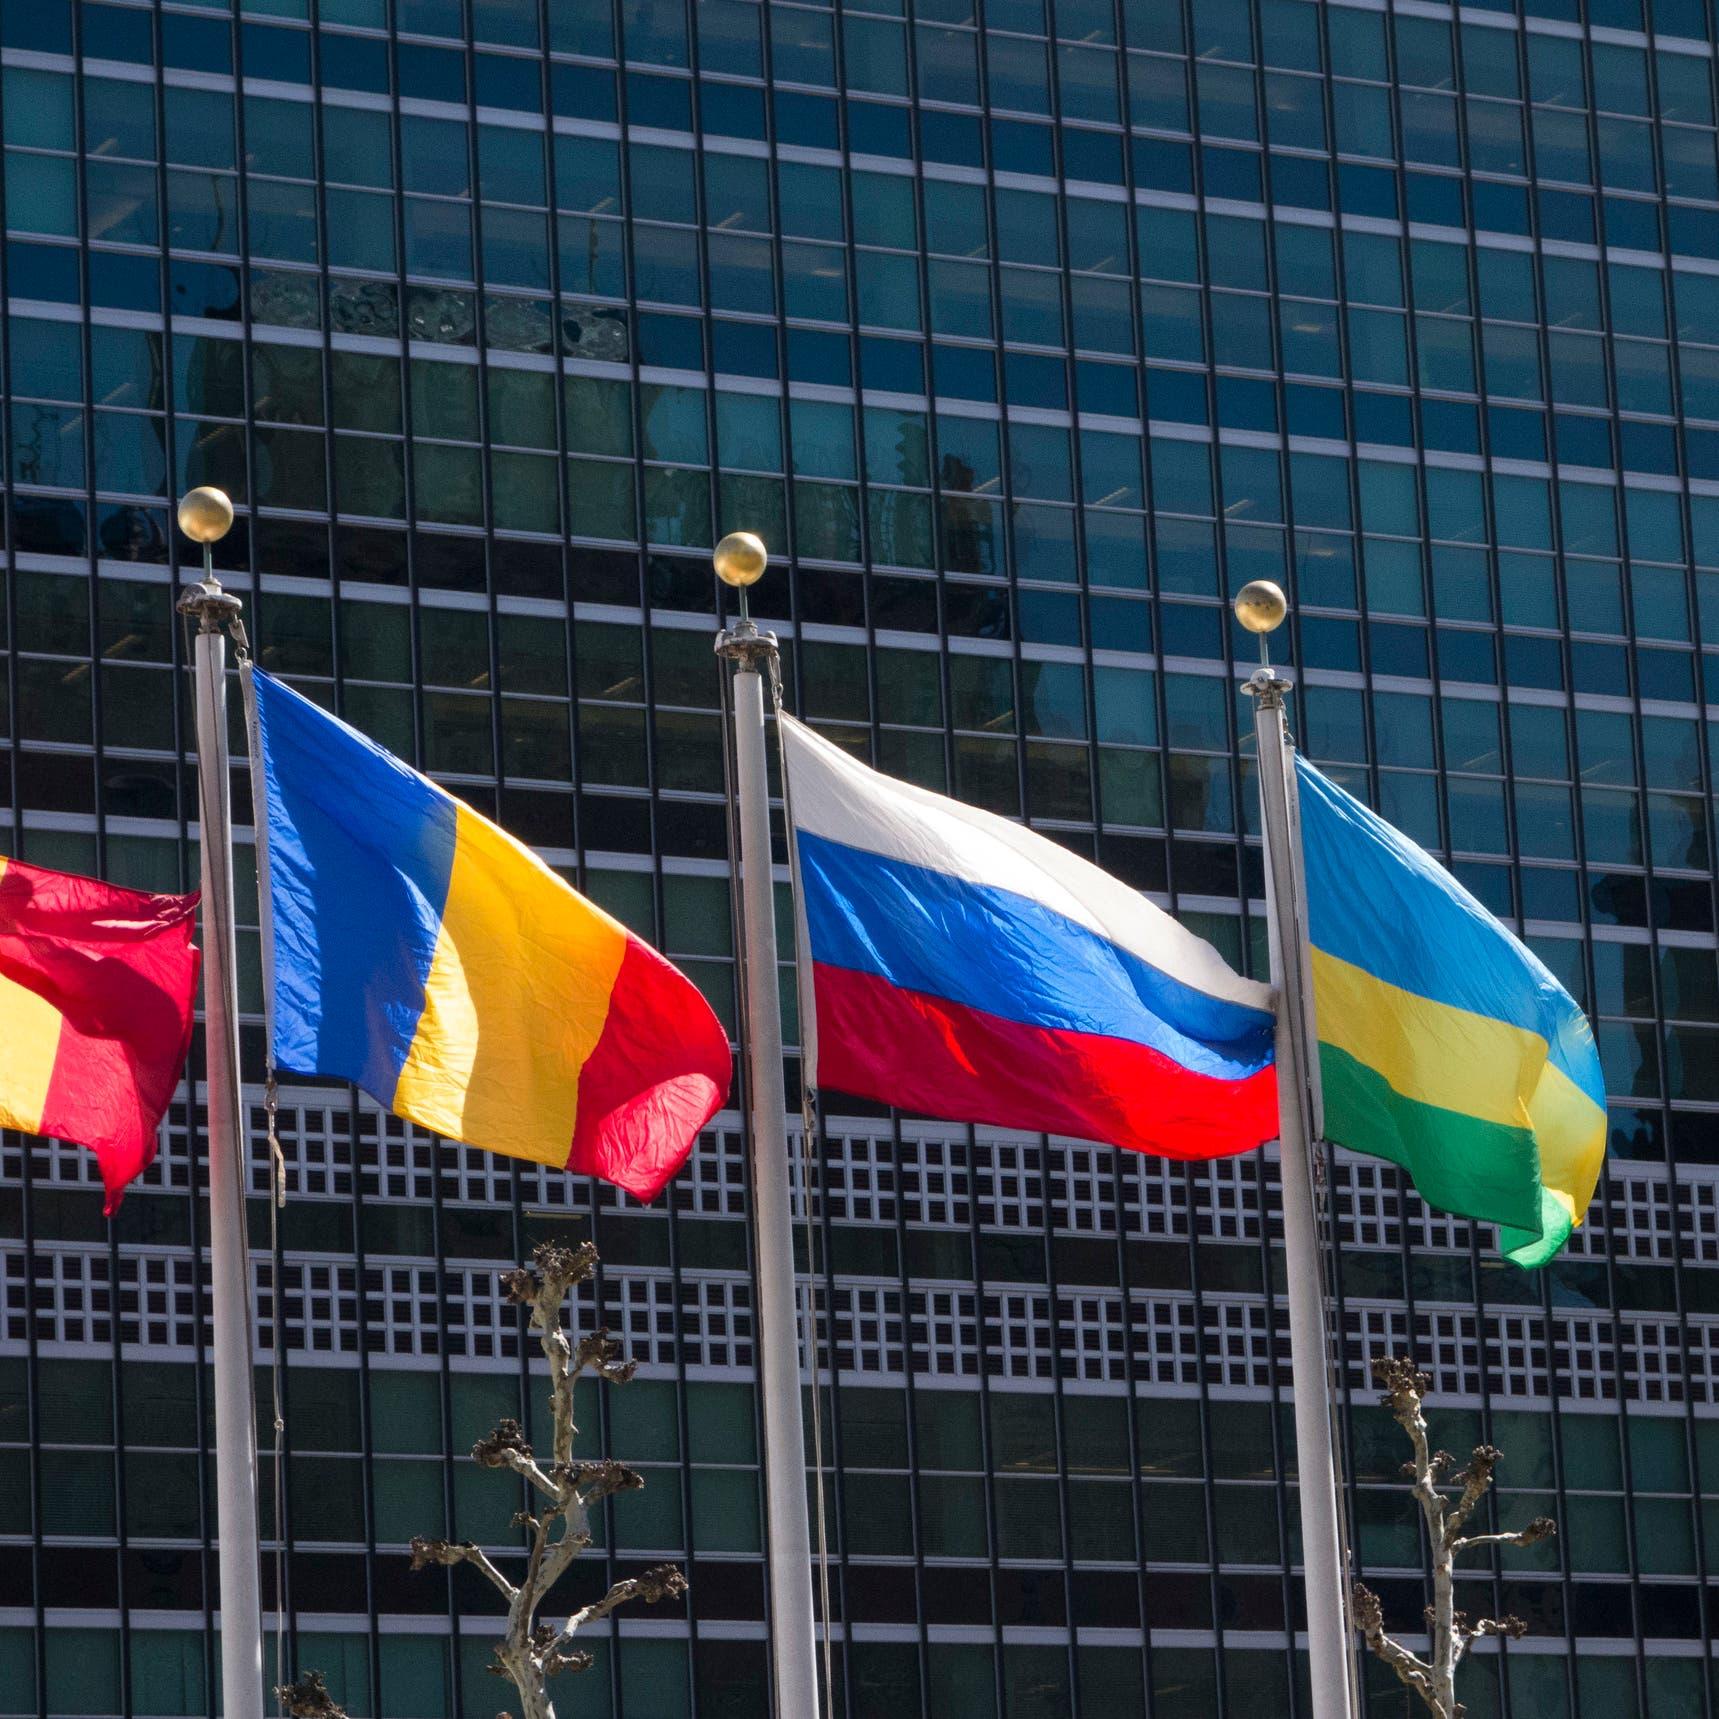 نيويورك.. كورونا يطال دبلوماسية في مقر الأمم المتحدة